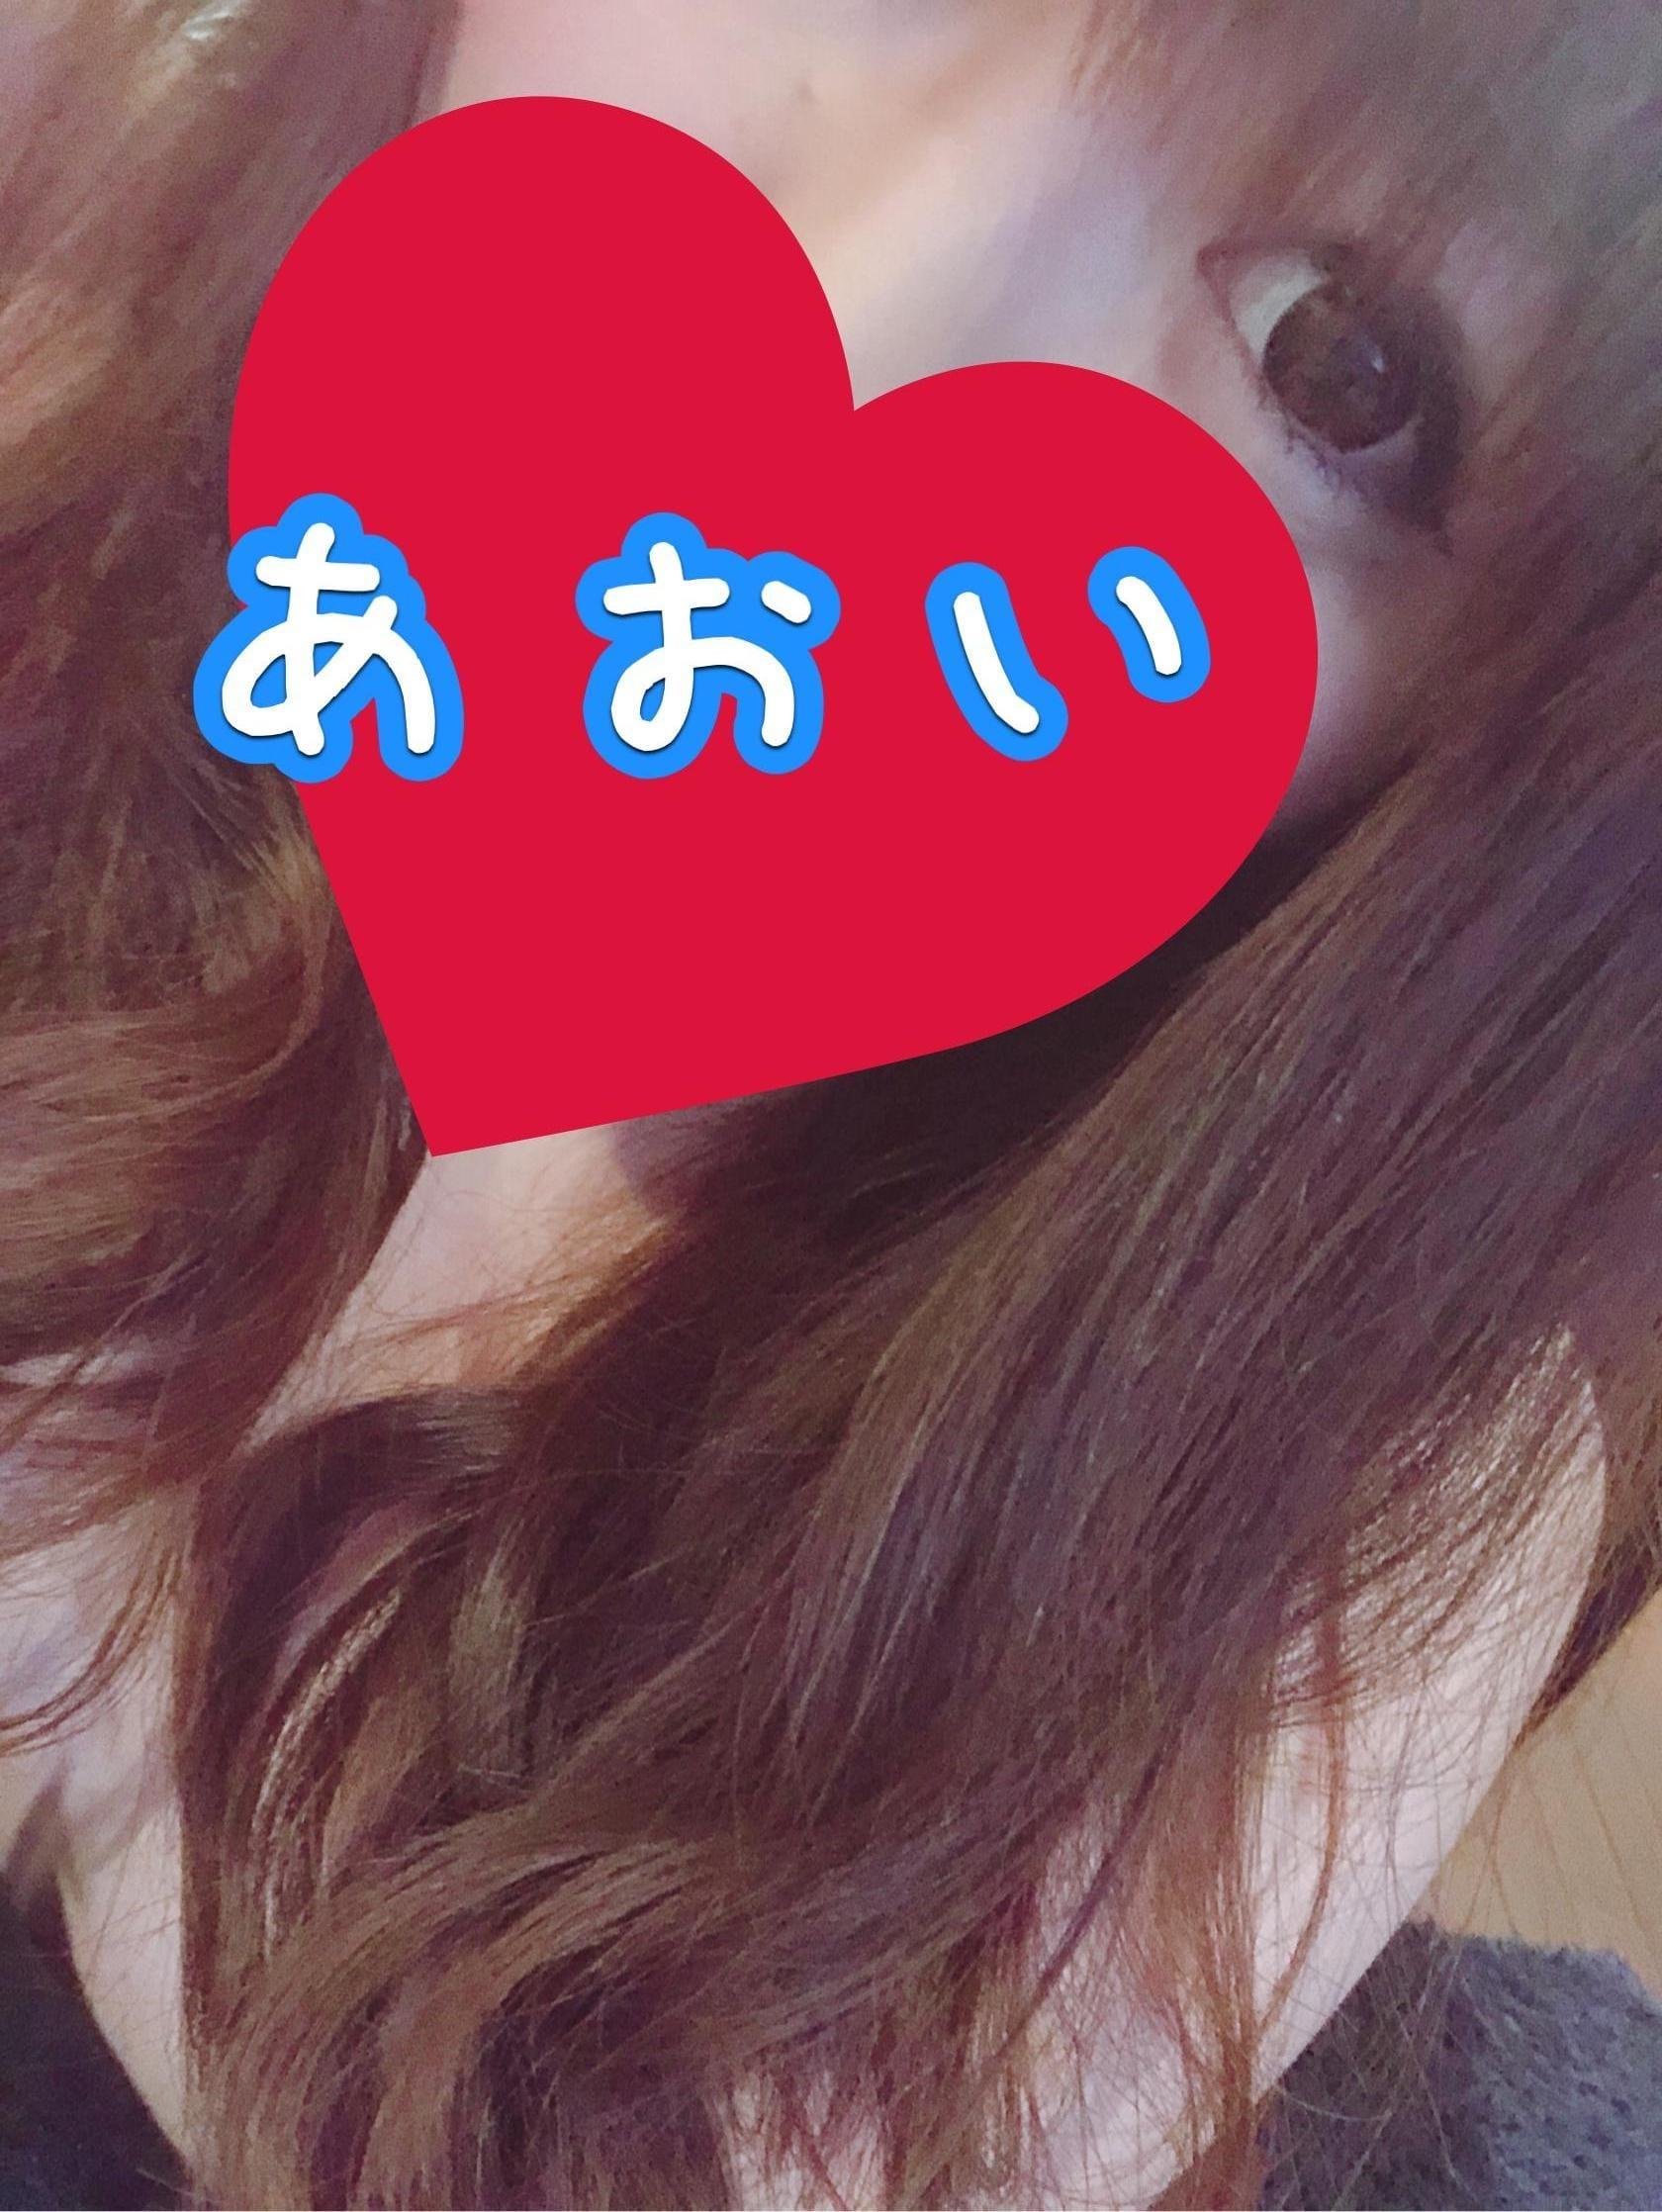 「こんばんは★」05/07(05/07) 23:56 | あおいの写メ・風俗動画